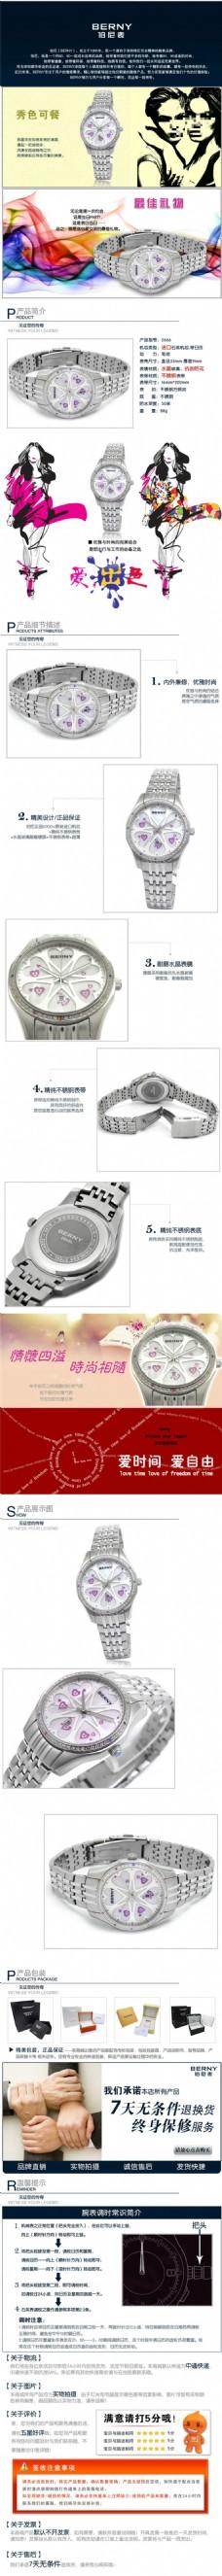 手表淘宝电商珠宝首饰详情页设计